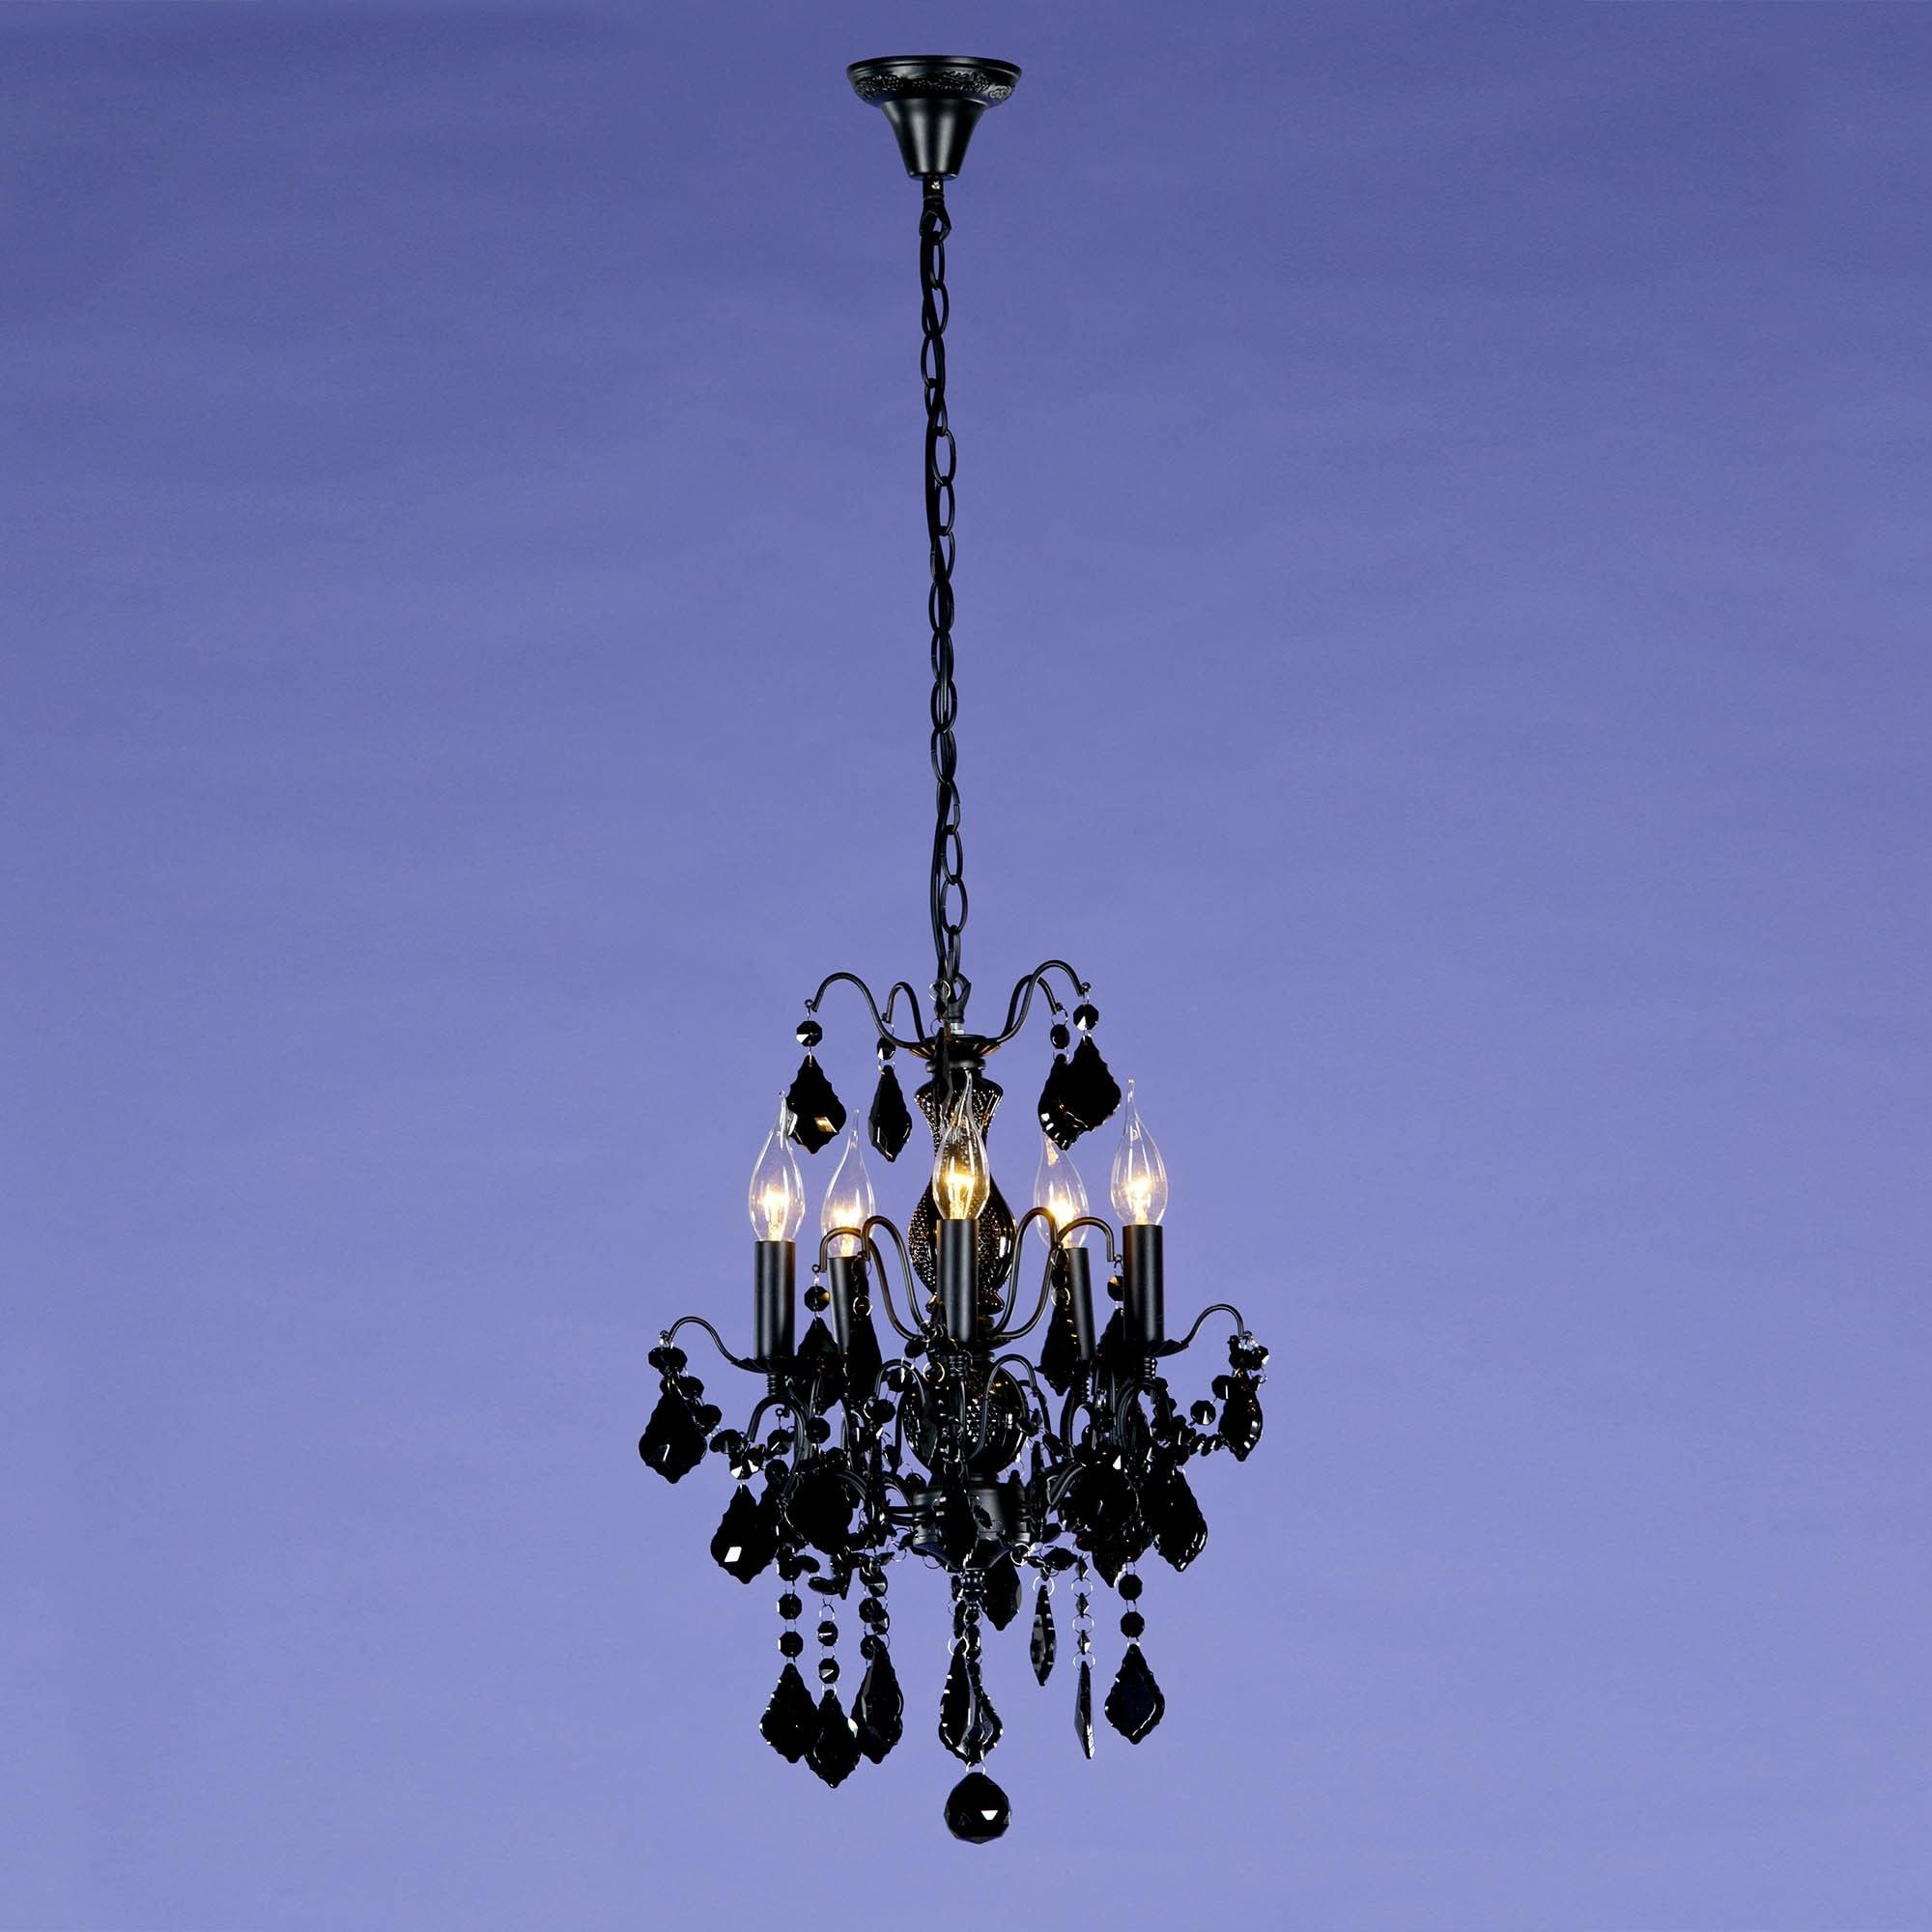 Black Chandelier 5 lights